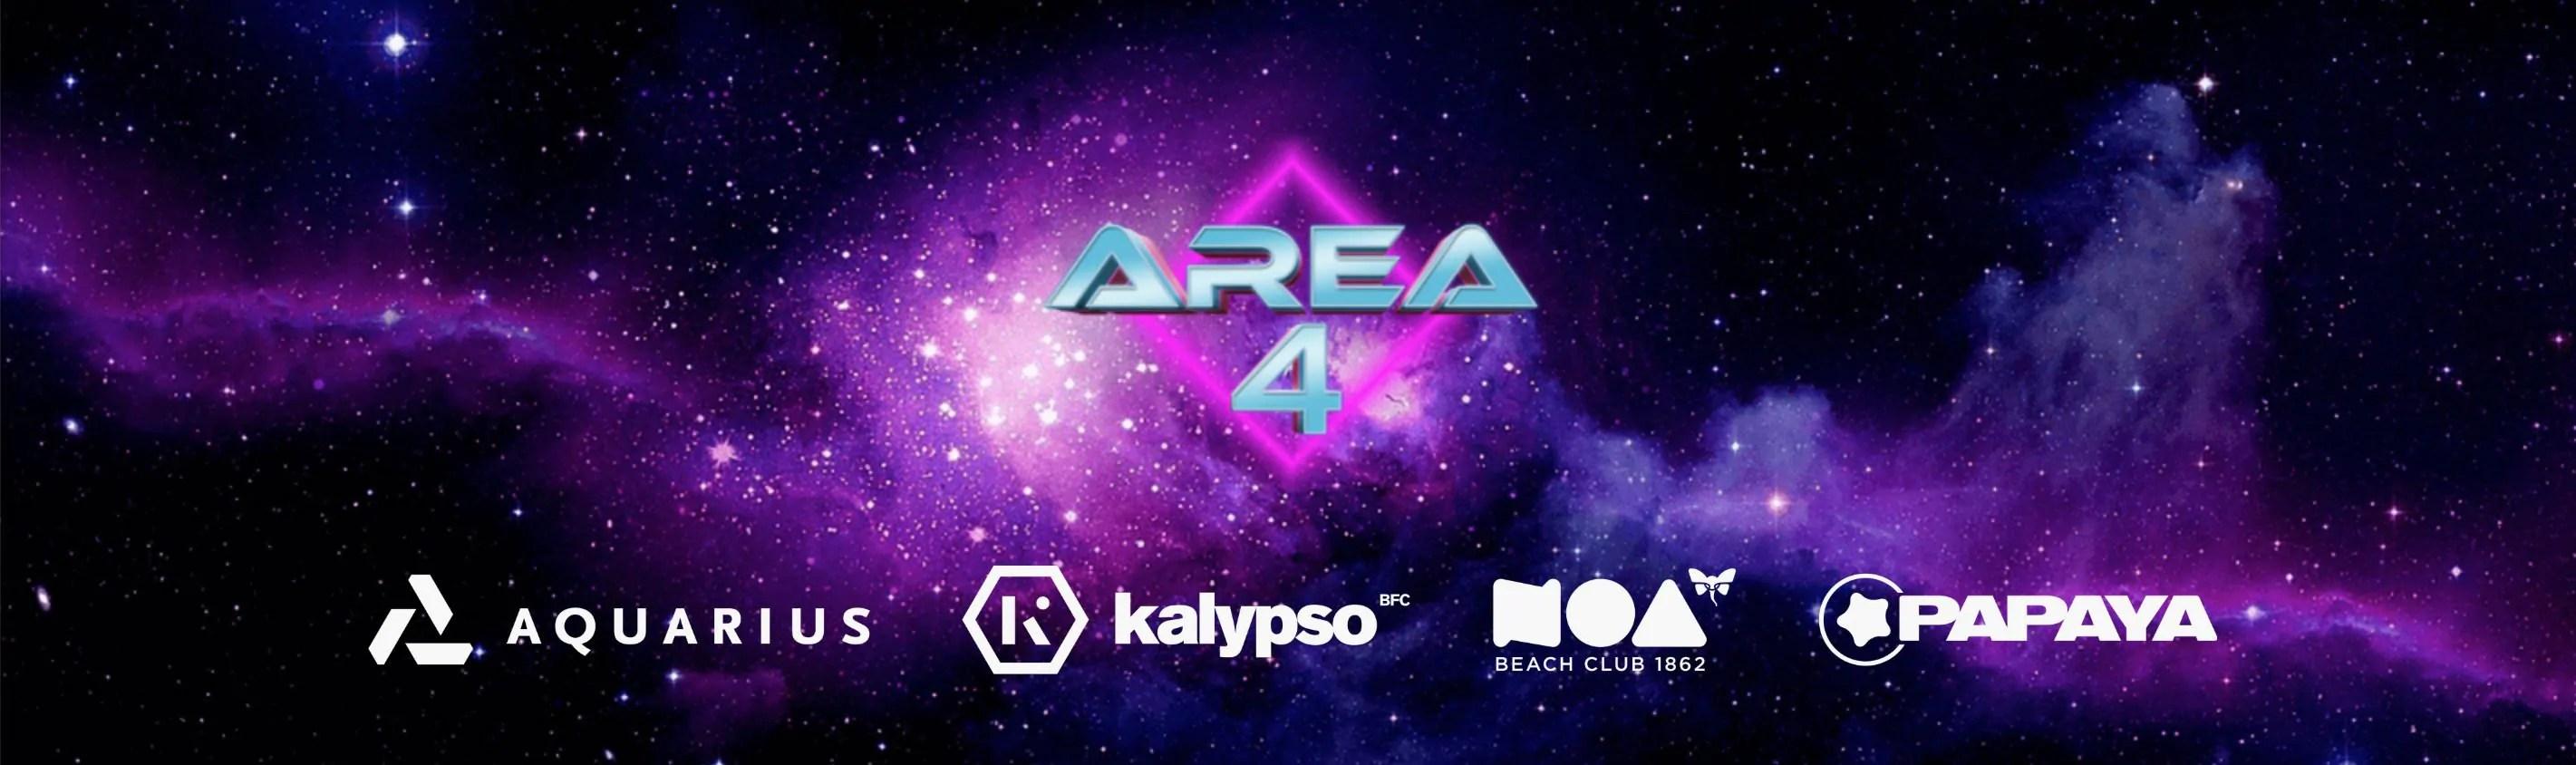 Area 4 Festival 2019, Pag Croazia – 15 – 18 Luglio | Ticket e Pacchetti